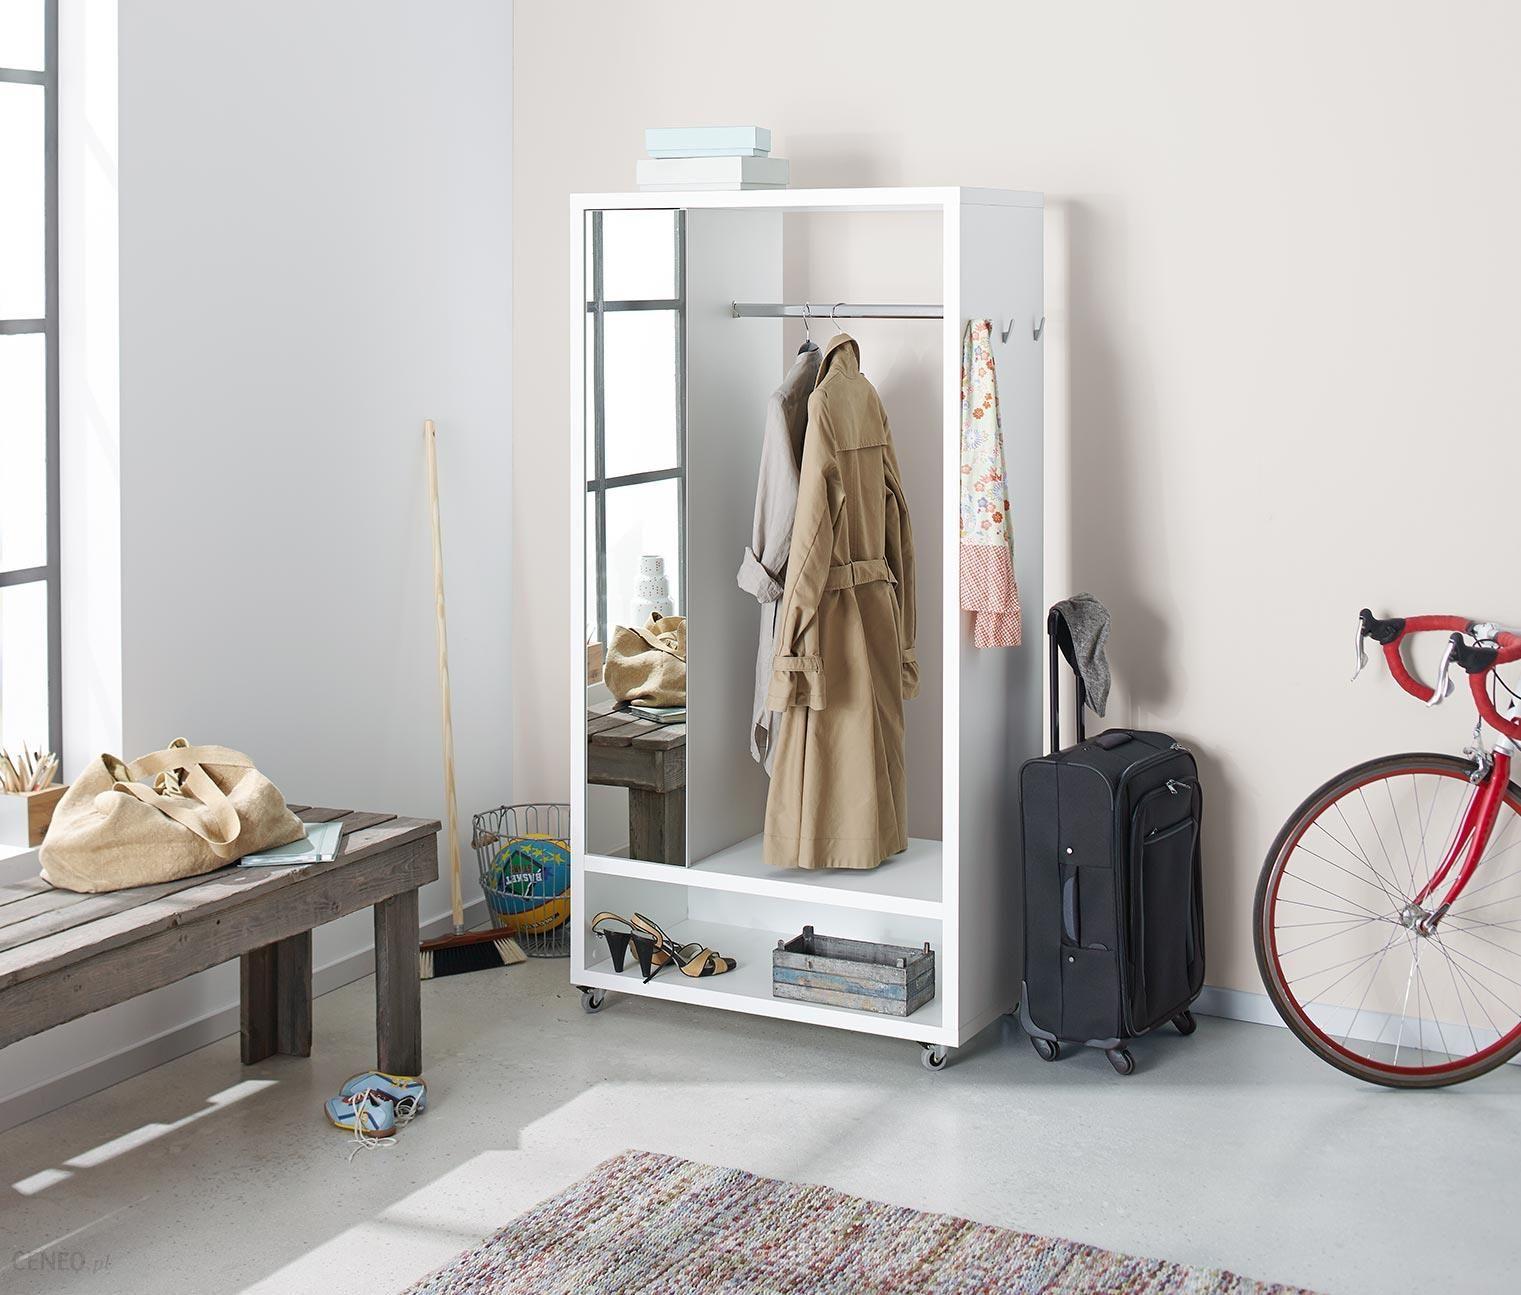 mobilna garderoba mobilna garderoba dowolnie ustawiana w pomieszczeniu cianki tylne. Black Bedroom Furniture Sets. Home Design Ideas